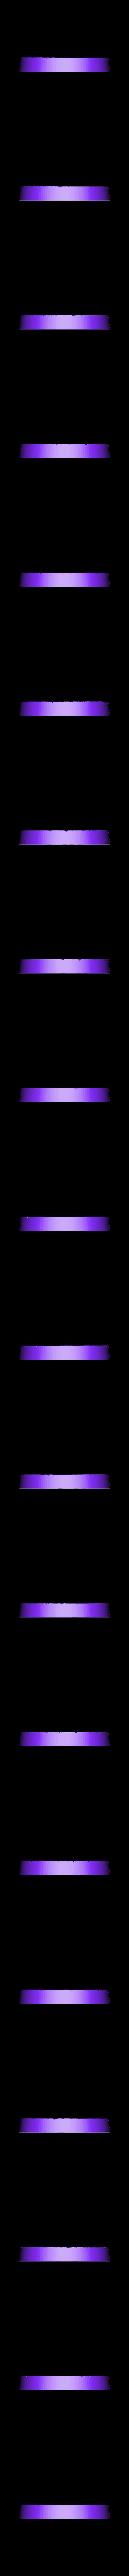 Slimer_base3.stl Télécharger fichier STL gratuit Minceur heureuse • Plan pour imprimante 3D, White_Werewolf_Tavern